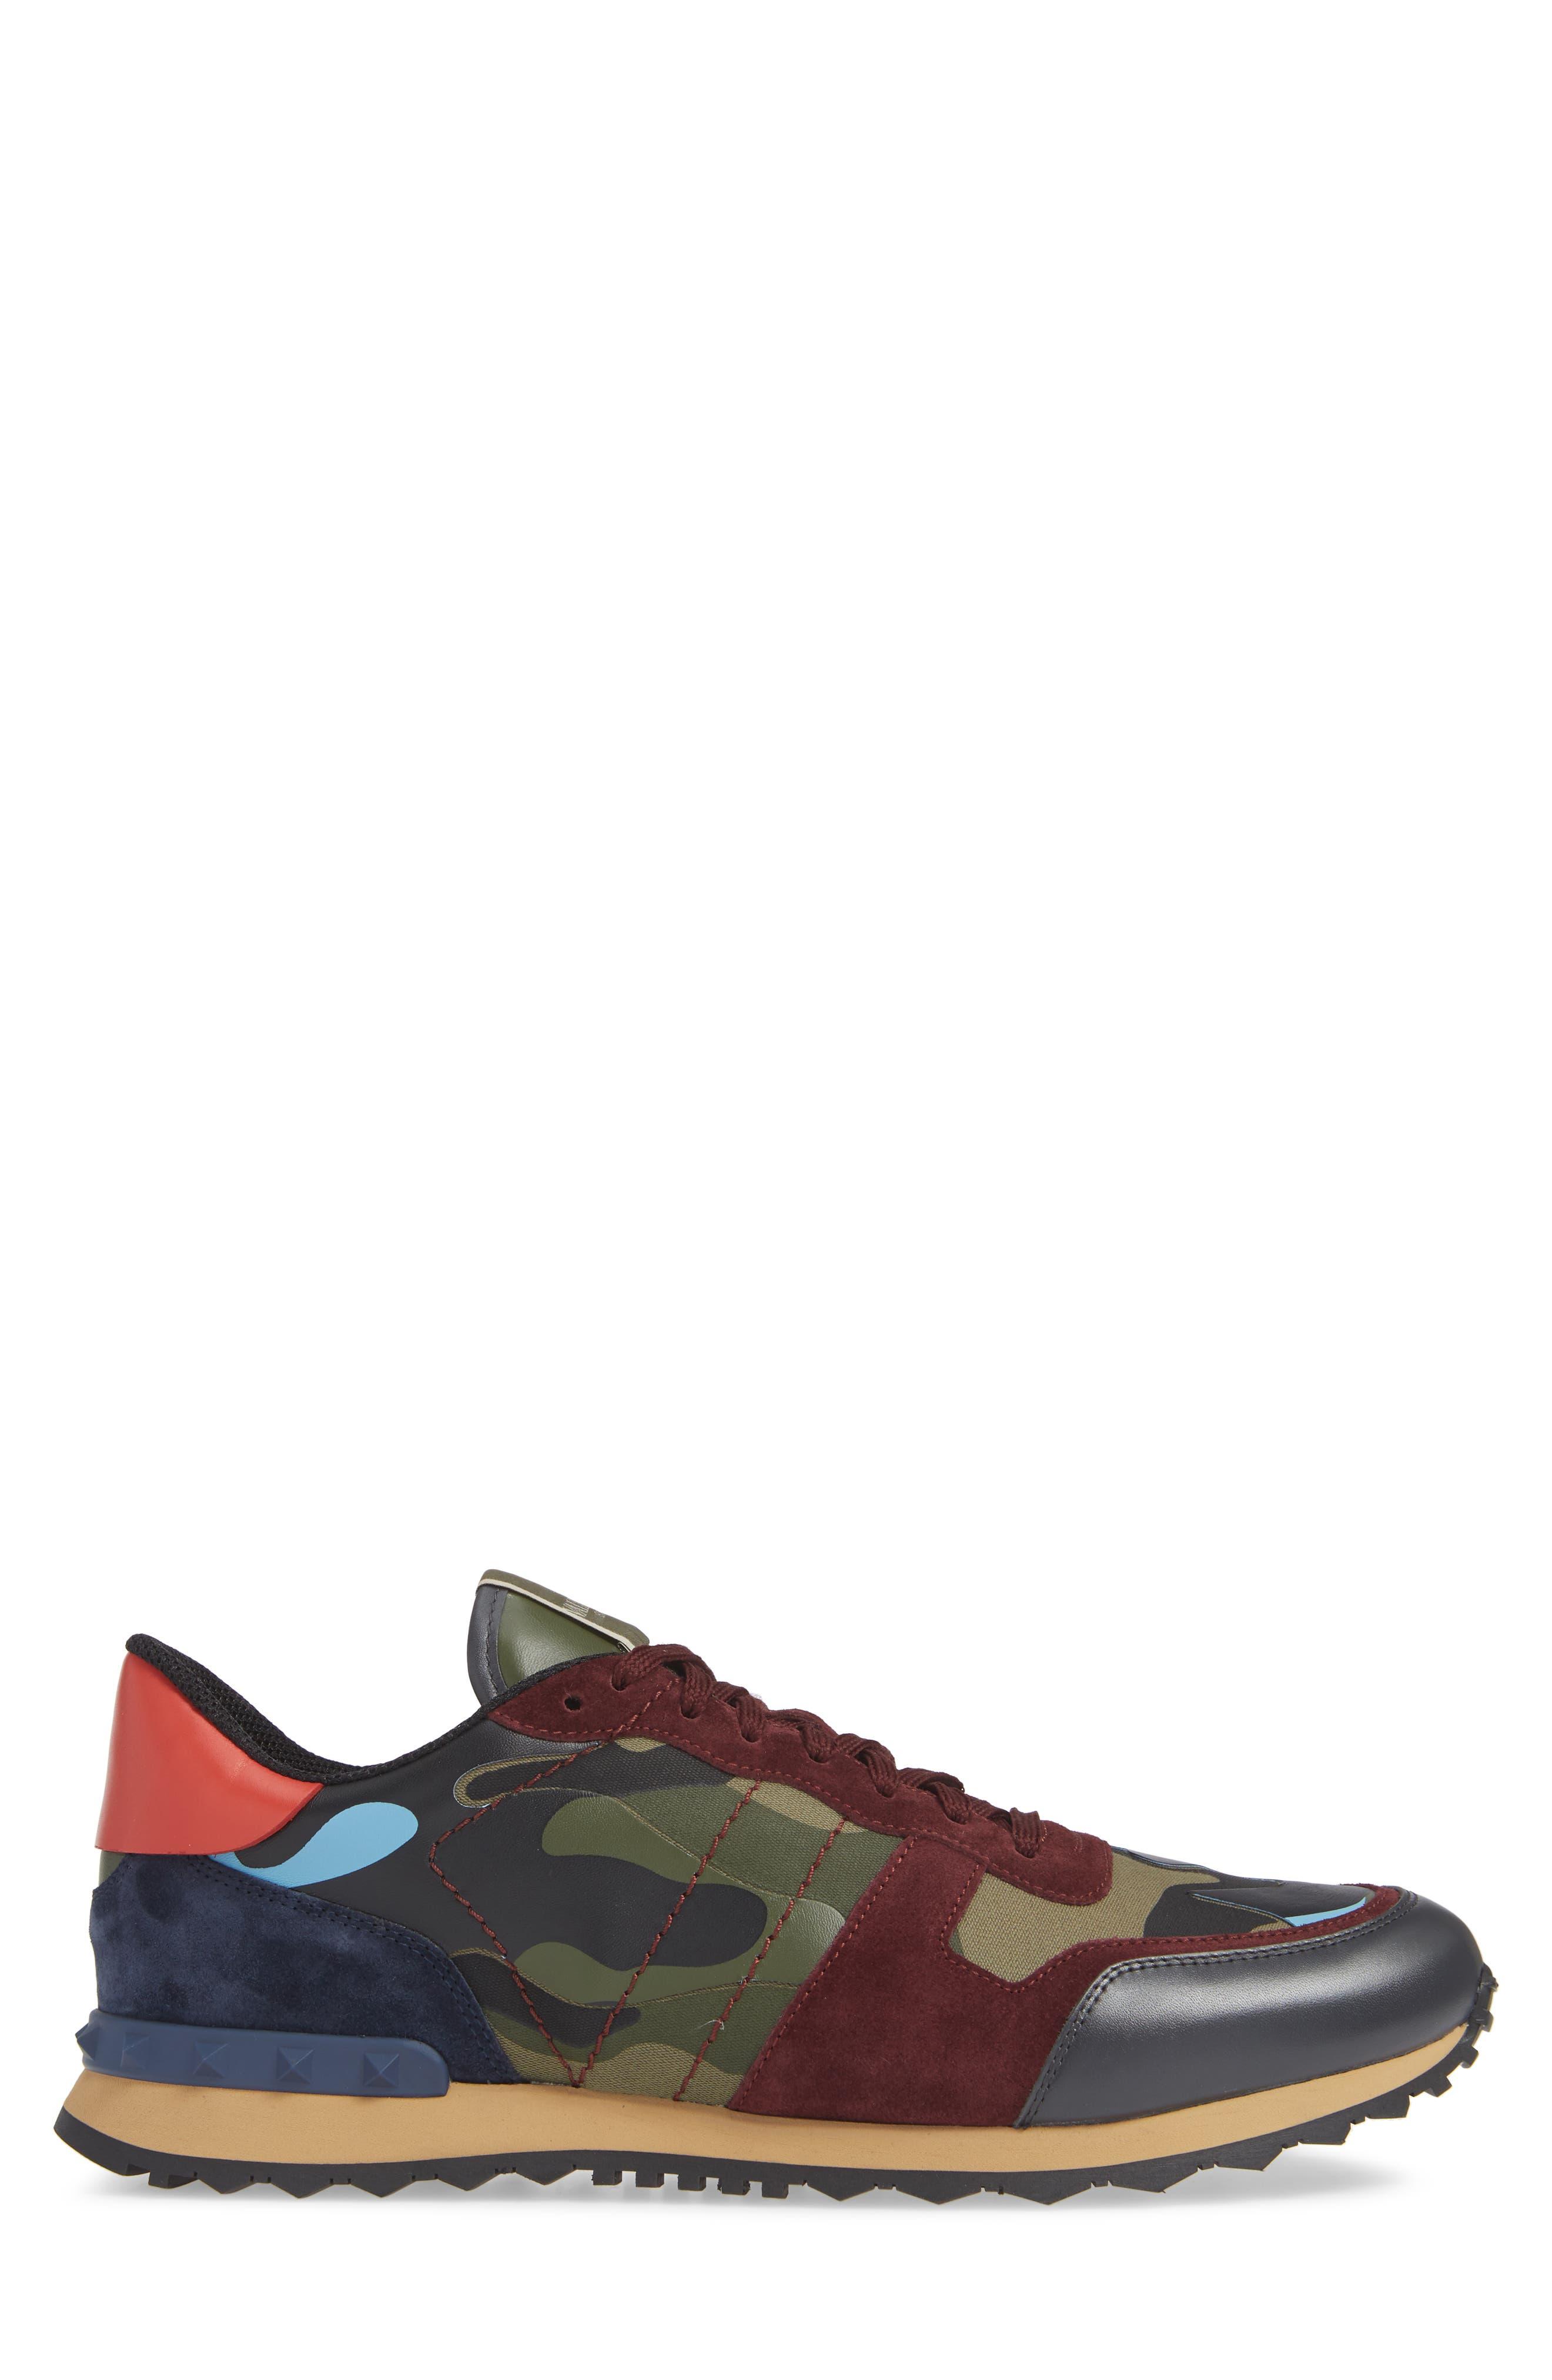 Camo Rockrunner Sneaker,                             Alternate thumbnail 3, color,                             LIGHT BLUE/ BORDEAUX